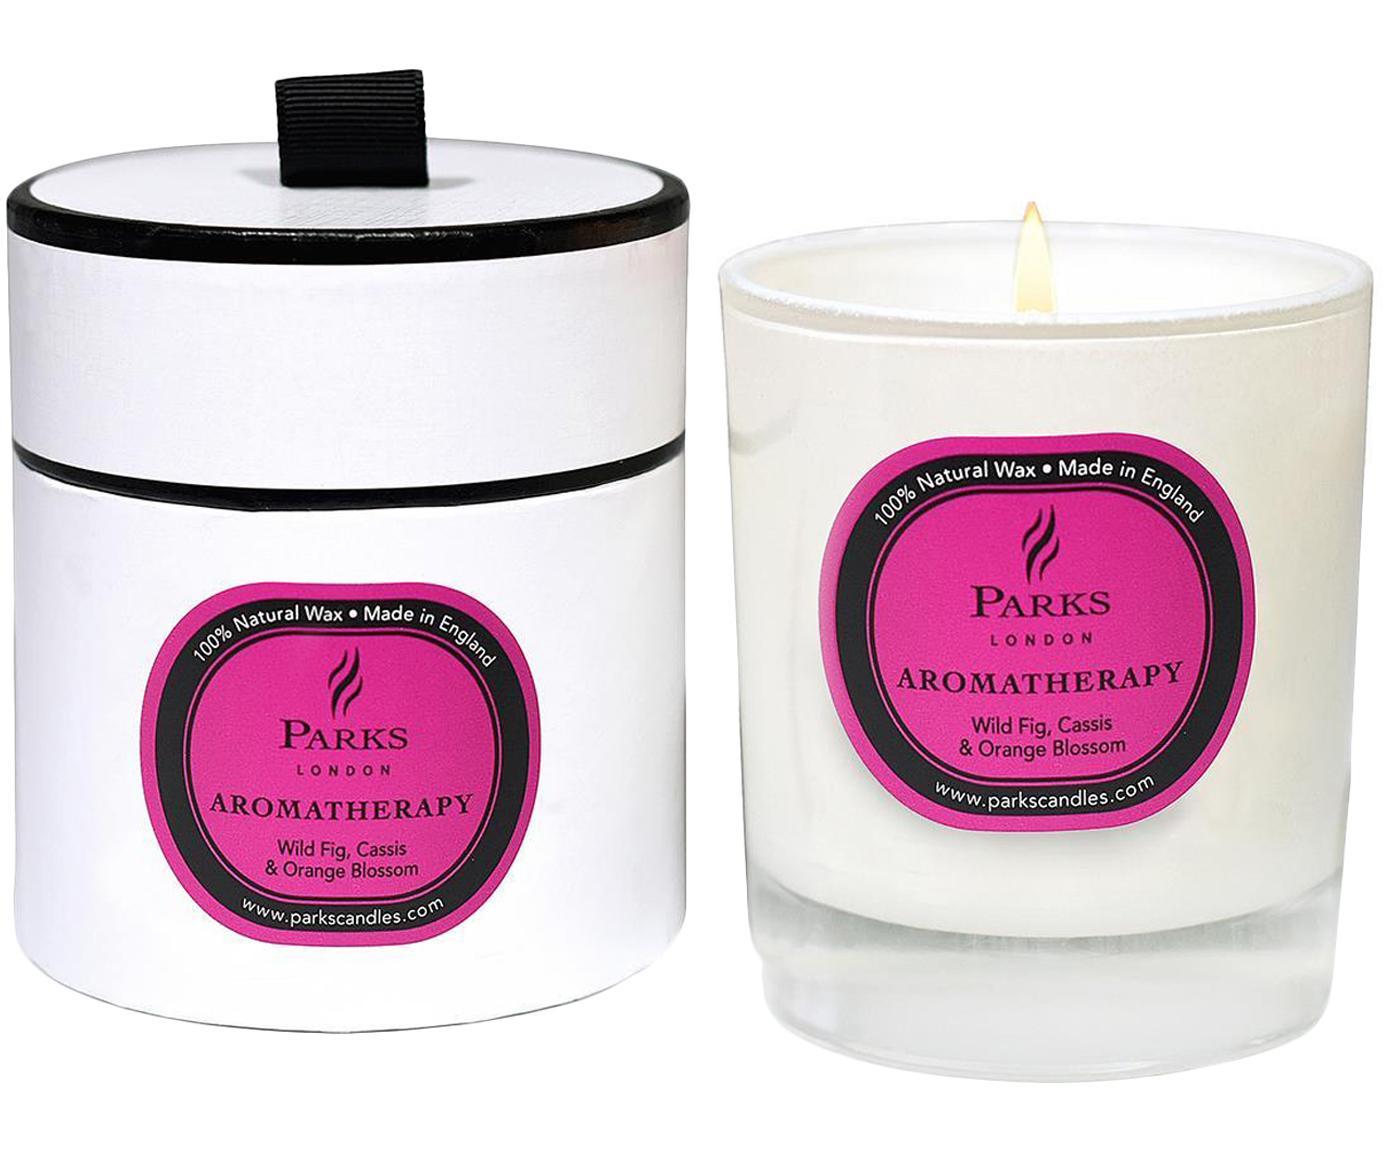 Duftkerze Aromatherapy (Feige, Cassis & Orange), Behälter: Glas, Transparent, Weiß, Pink, Ø 8 x H 9 cm